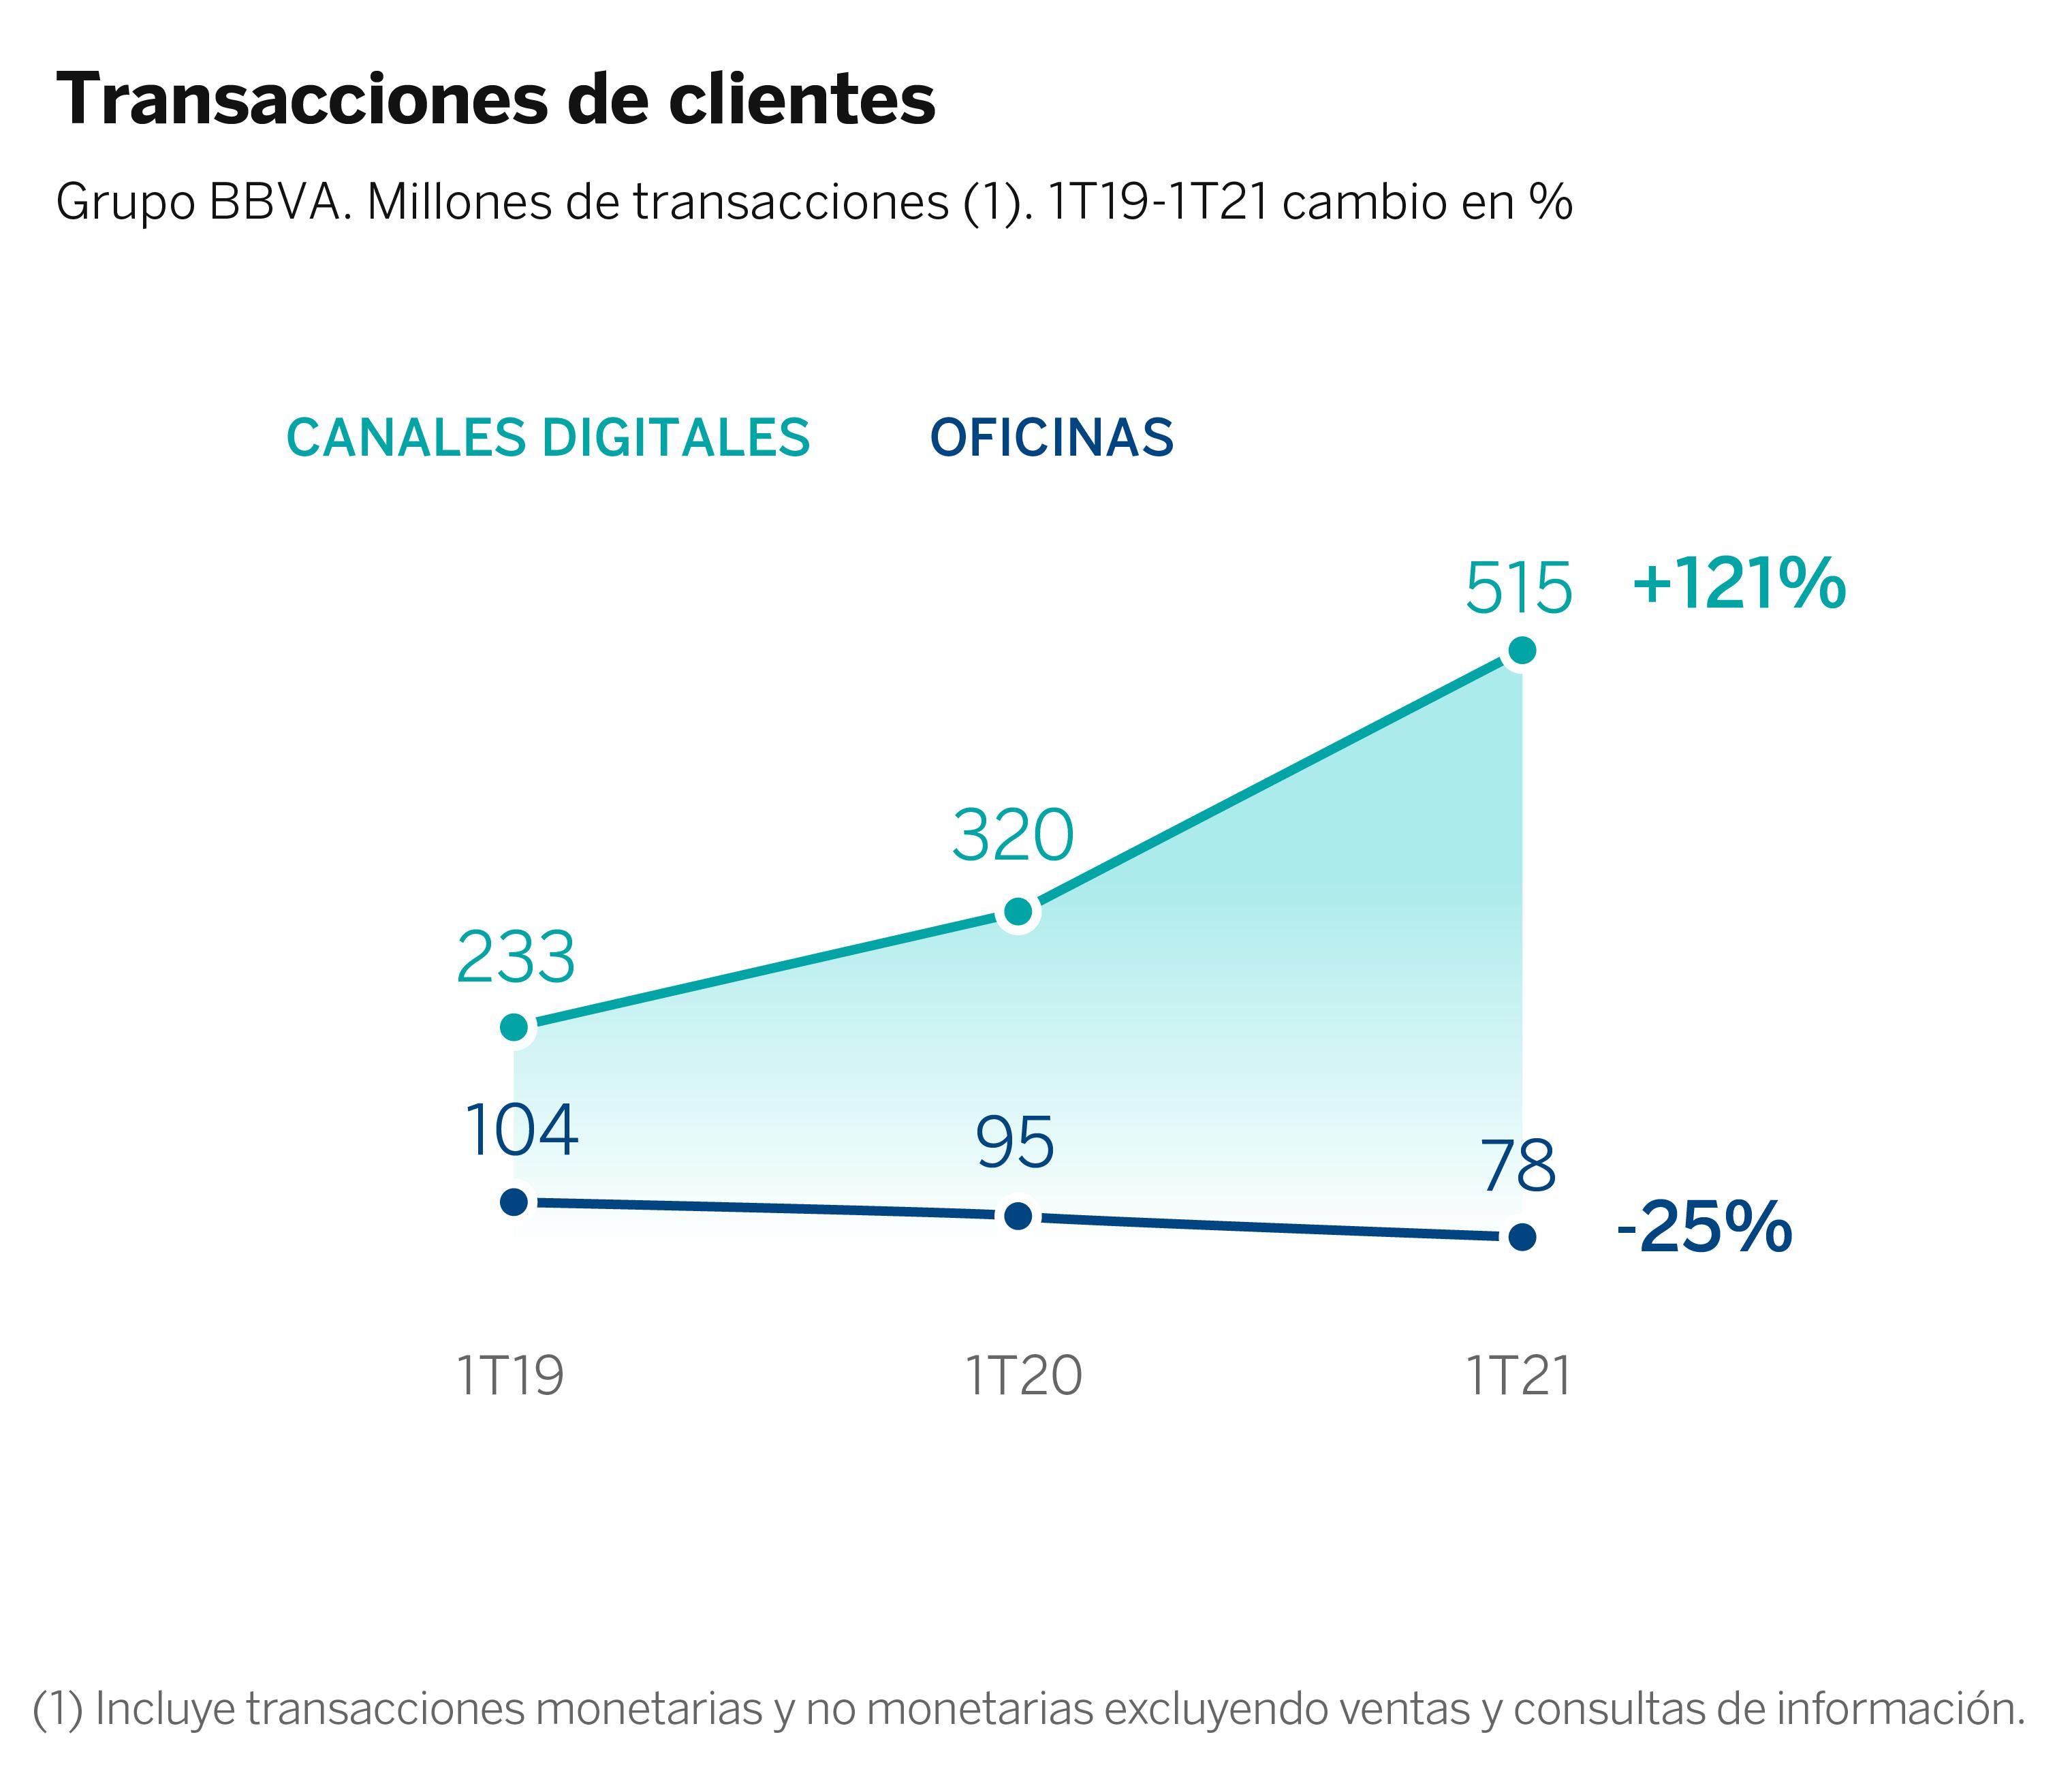 Graficos Transacciones y canales 1T2021